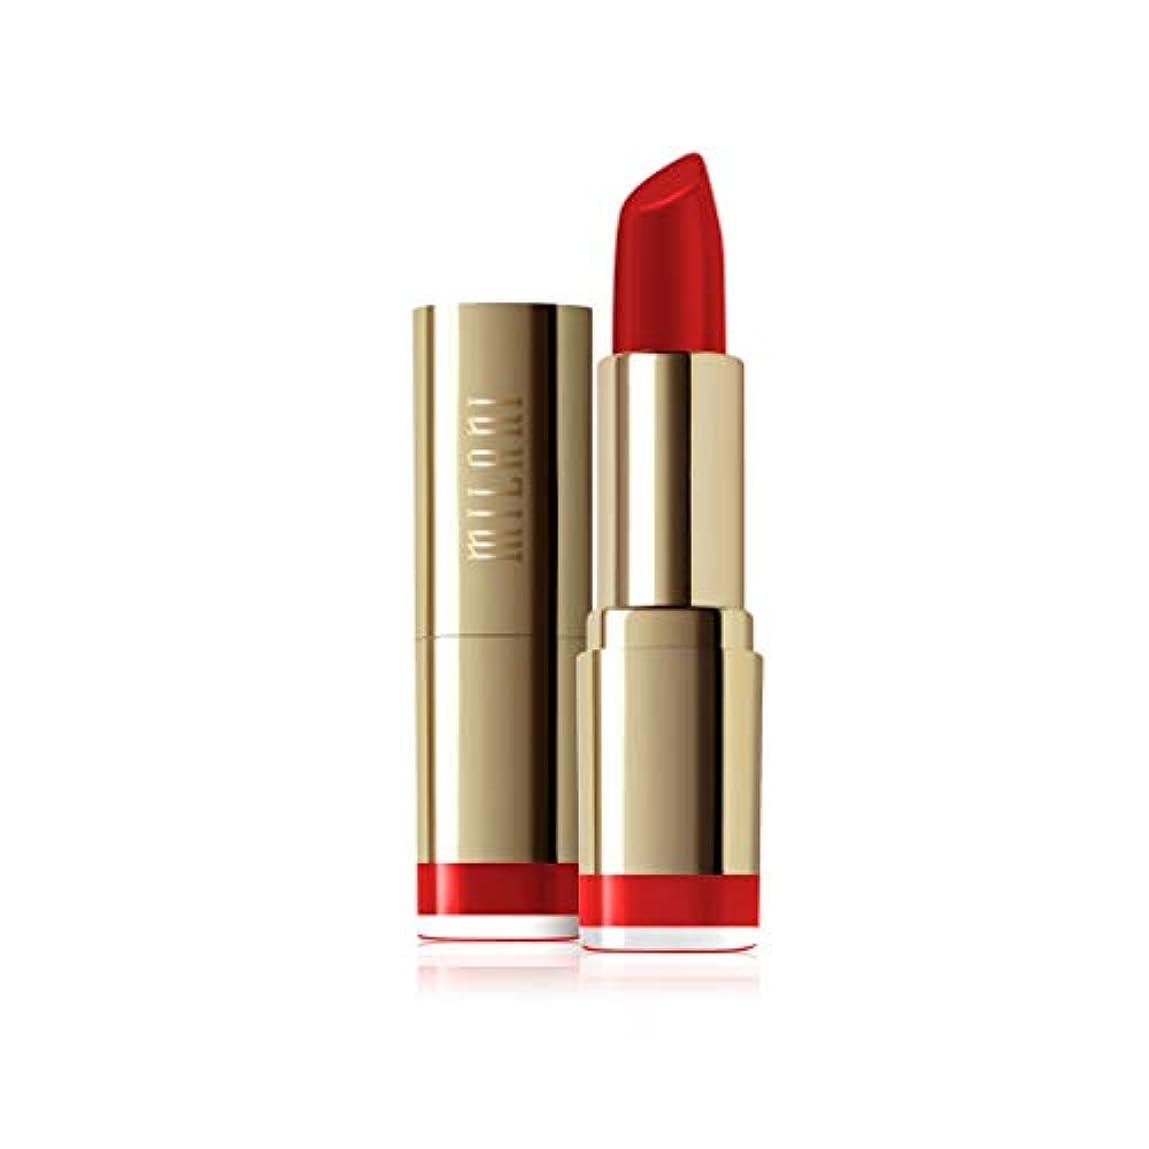 応じる一人で不調和MILANI Color Statement Matte Lipstick - Matte Iconic (並行輸入品)